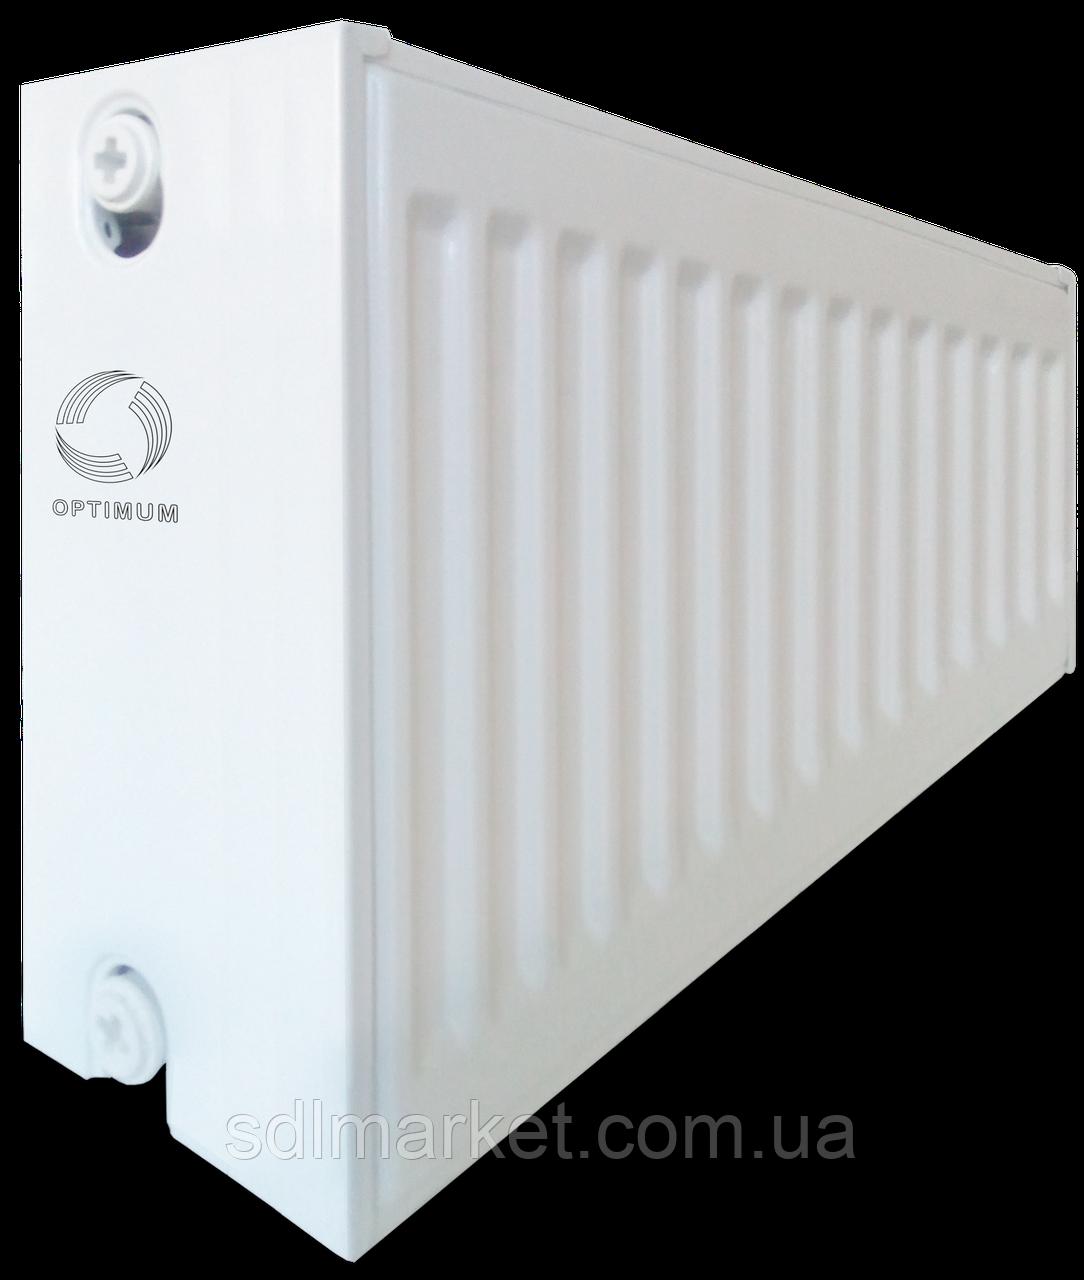 Радиатор стальной панельный OPTIMUM 33 низ 300х1200